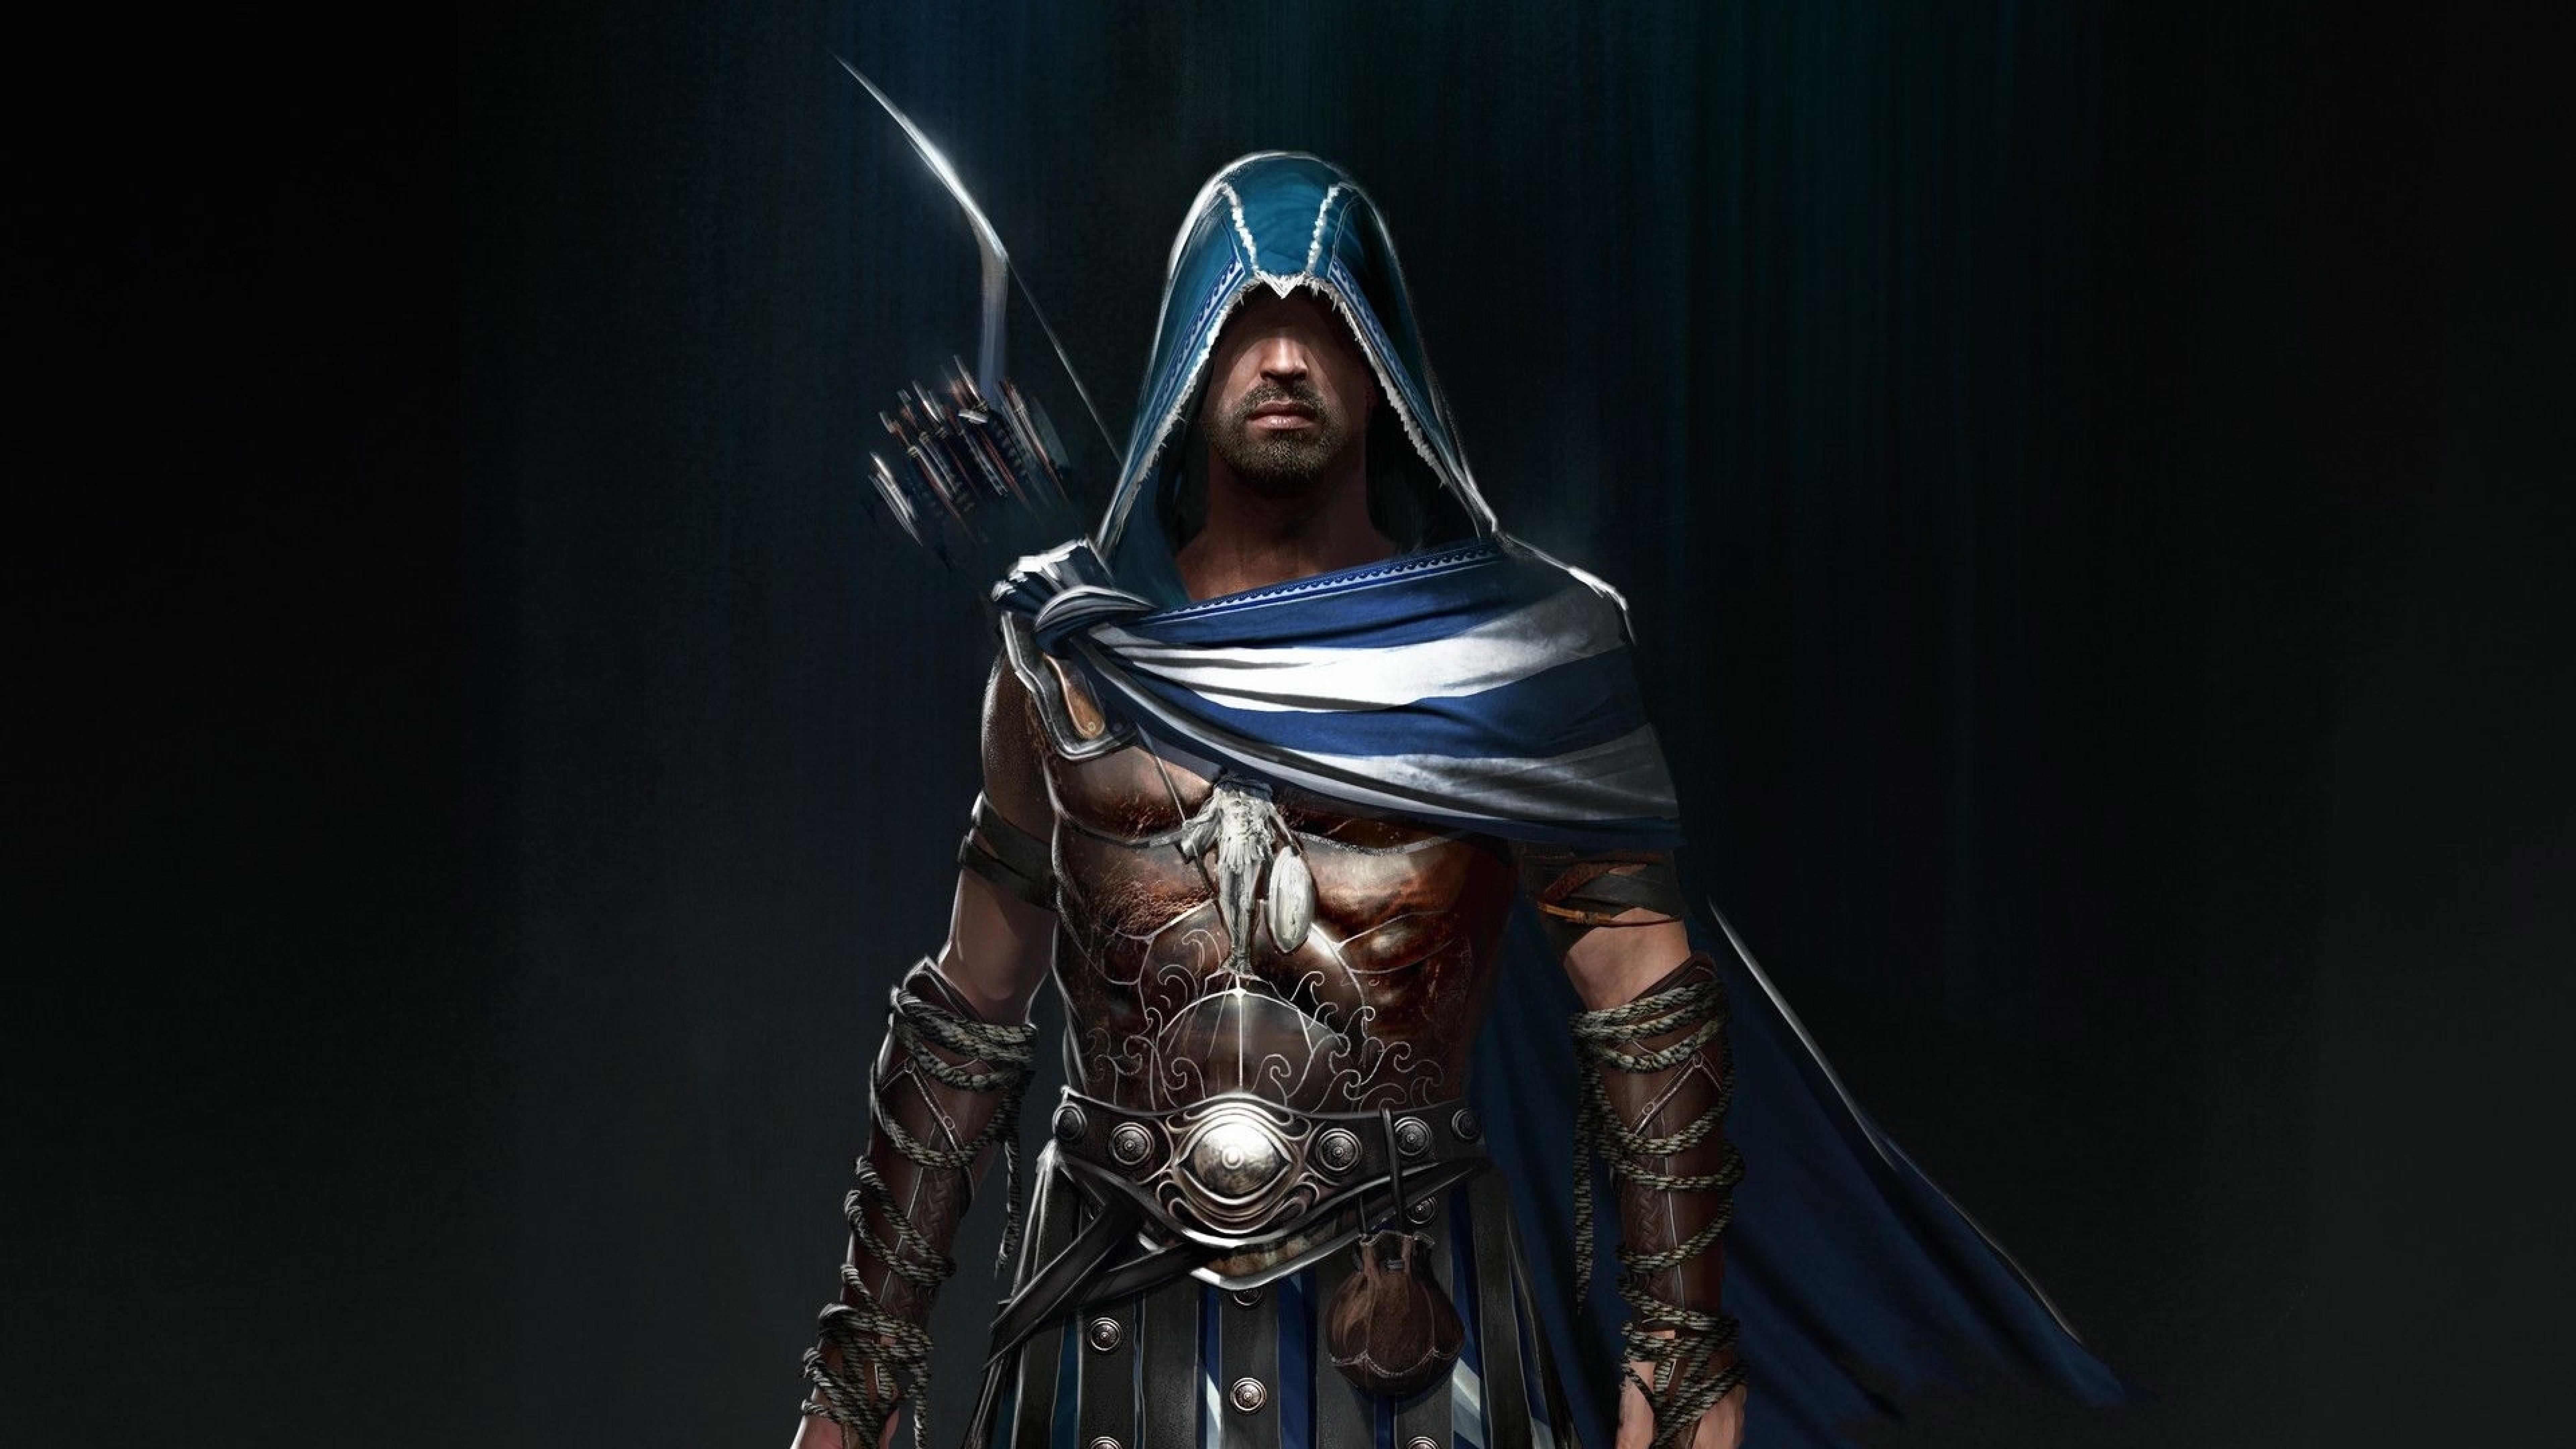 7680x4320 Alexios Assassins Creed 8k Wallpaper Hd Games 4k